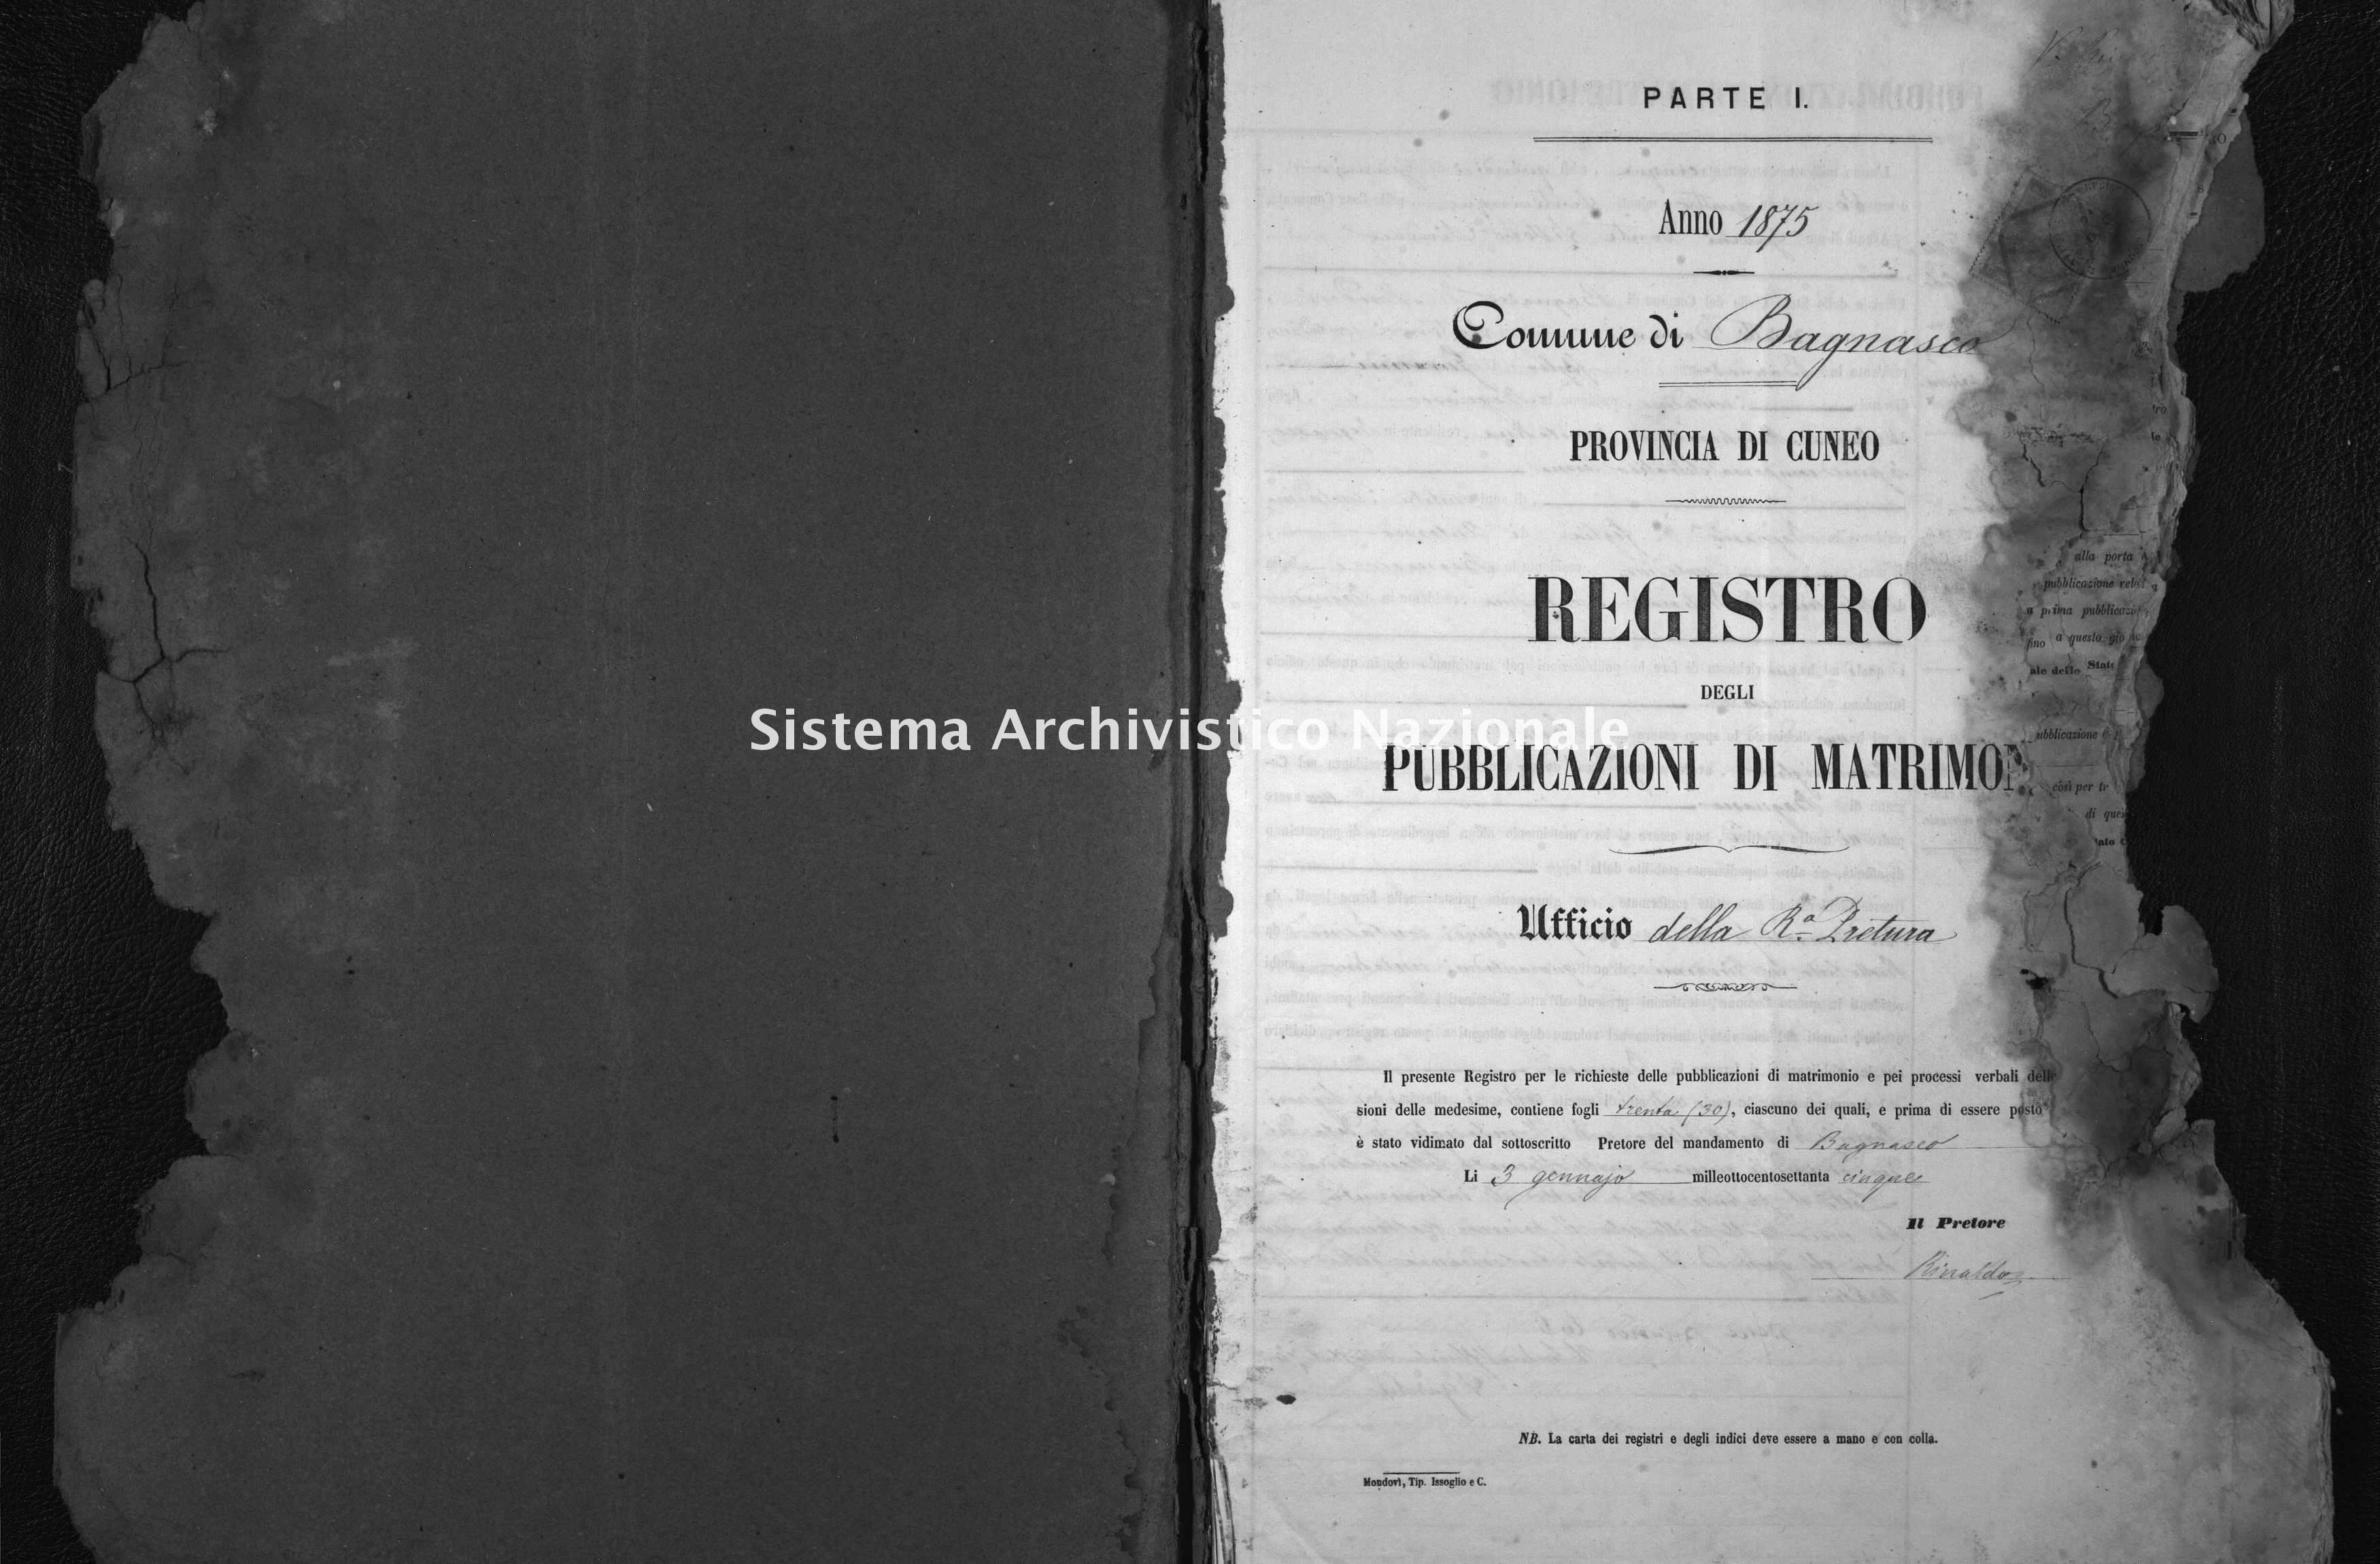 Archivio di stato di Cuneo - Stato civile italiano - Bagnasco - Matrimoni, pubblicazioni - 1875 -